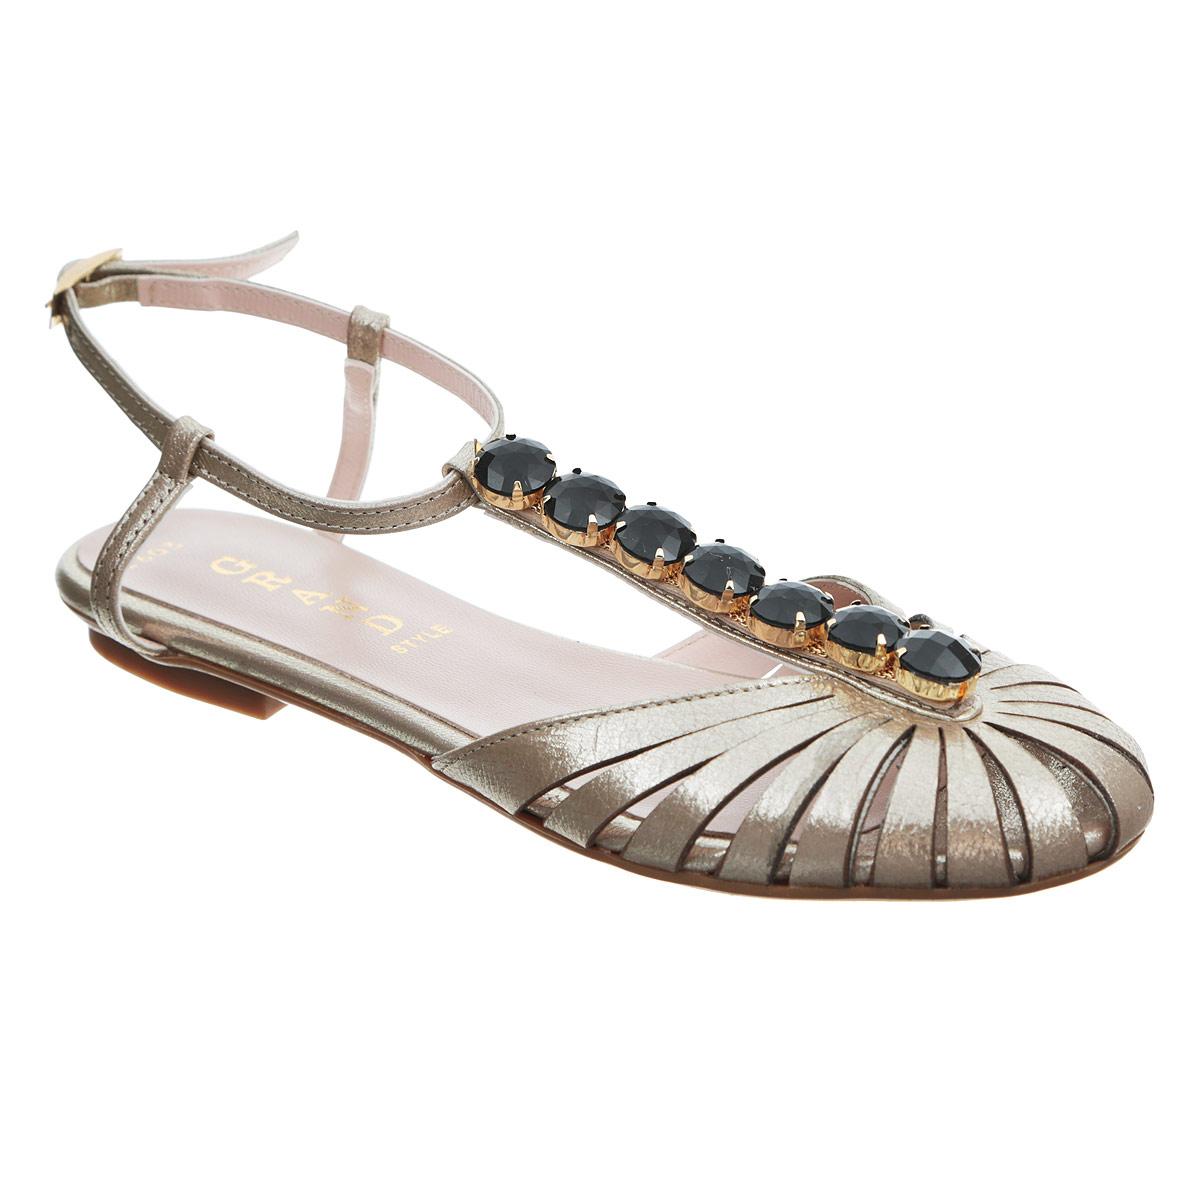 Сандалии женские. 2603-722603-72Роскошные женские сандалии от Grand Style не оставят вас незамеченной! Модель выполнена из натуральной кожи с блестящей поверхностью. Мысок с прорезями смотрится невероятно стильно. Ремешок на подъеме оформлен крупными искусственными камнями в металлической оправе. Ремешок с прямоугольной металлической пряжкой прочно зафиксирует модель на вашей щиколотке. Длина ремешка регулируется за счет болта. Стелька из натуральной кожи обеспечивает максимальный комфорт при движении. Низкий каблук и подошва с рифлением не скользят. Модные сандалии прекрасно дополнят ваш летний наряд.